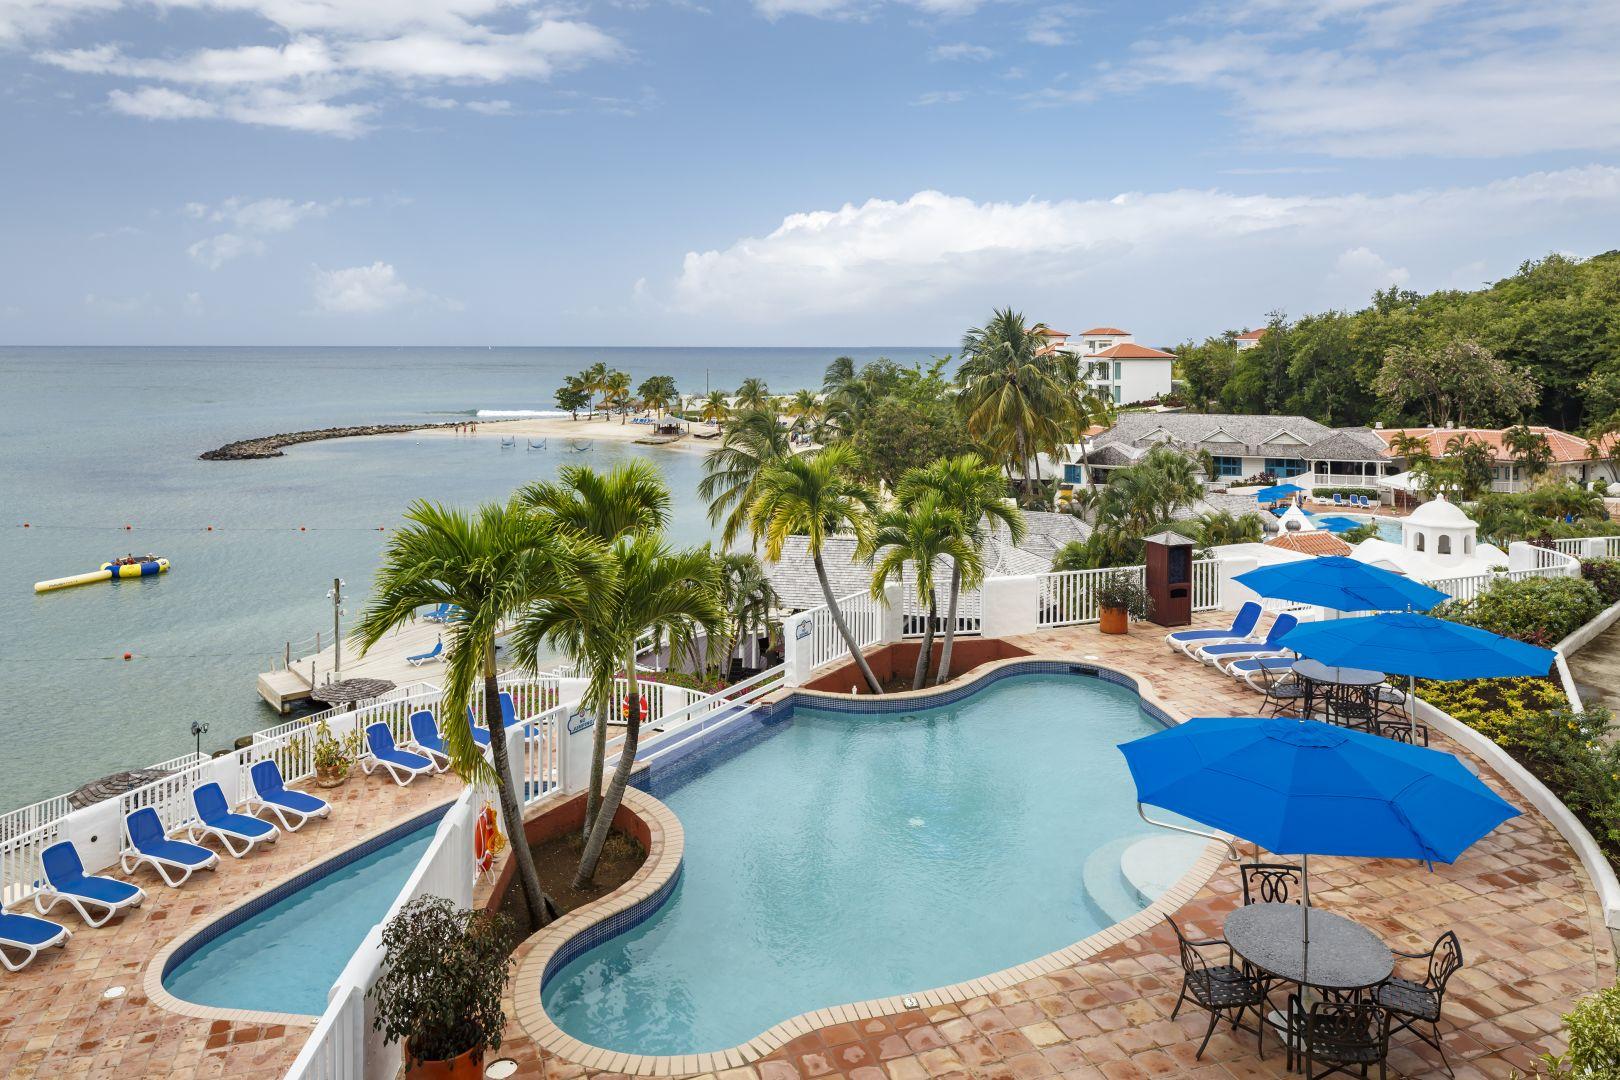 Windjammer Landing Villa Beach Resort is a gay and lesbian